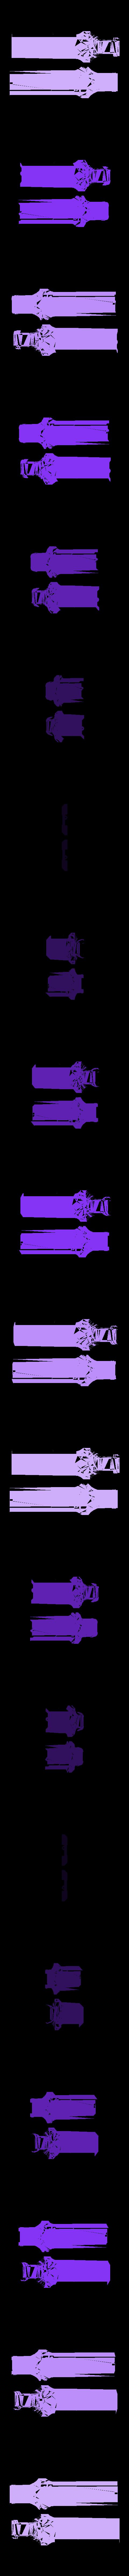 MS-HandleBlade.stl Télécharger fichier STL gratuit LED Zelda Master • Modèle pour imprimante 3D, Adafruit